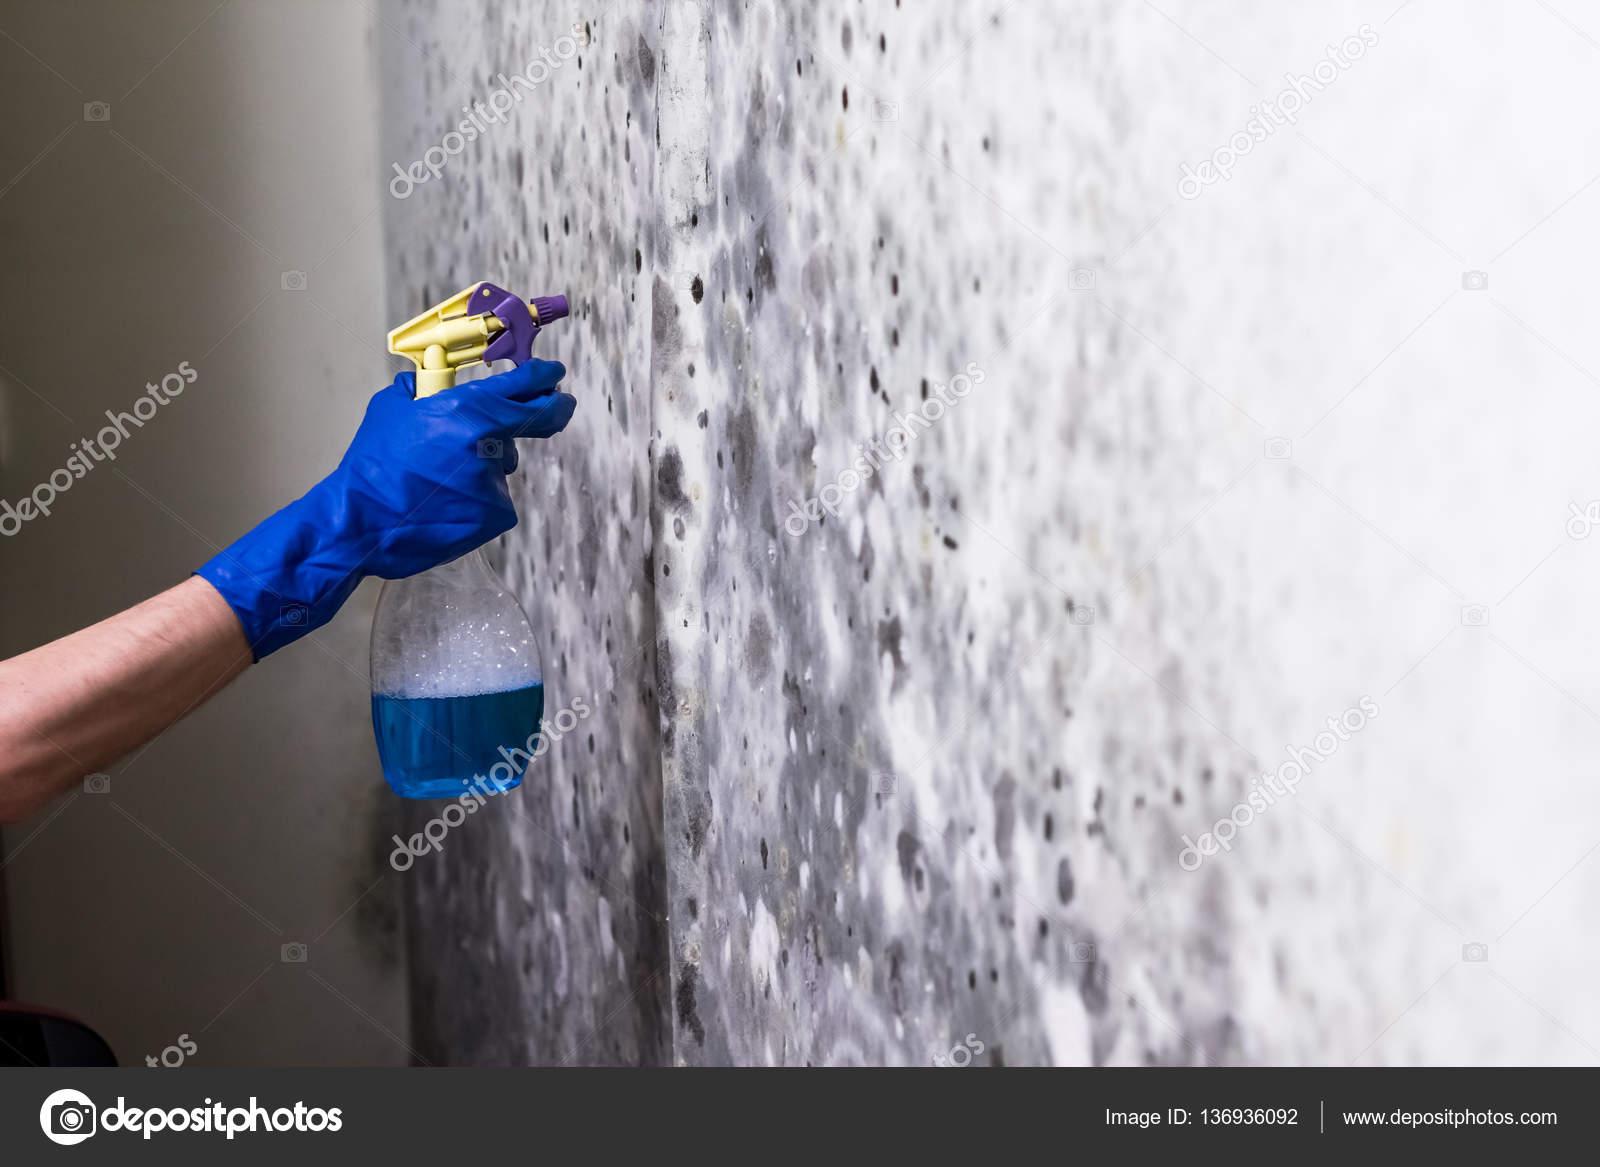 Schimmel Muur Verwijderen : Verwijderen van schimmel op de muur in de kamer u stockfoto